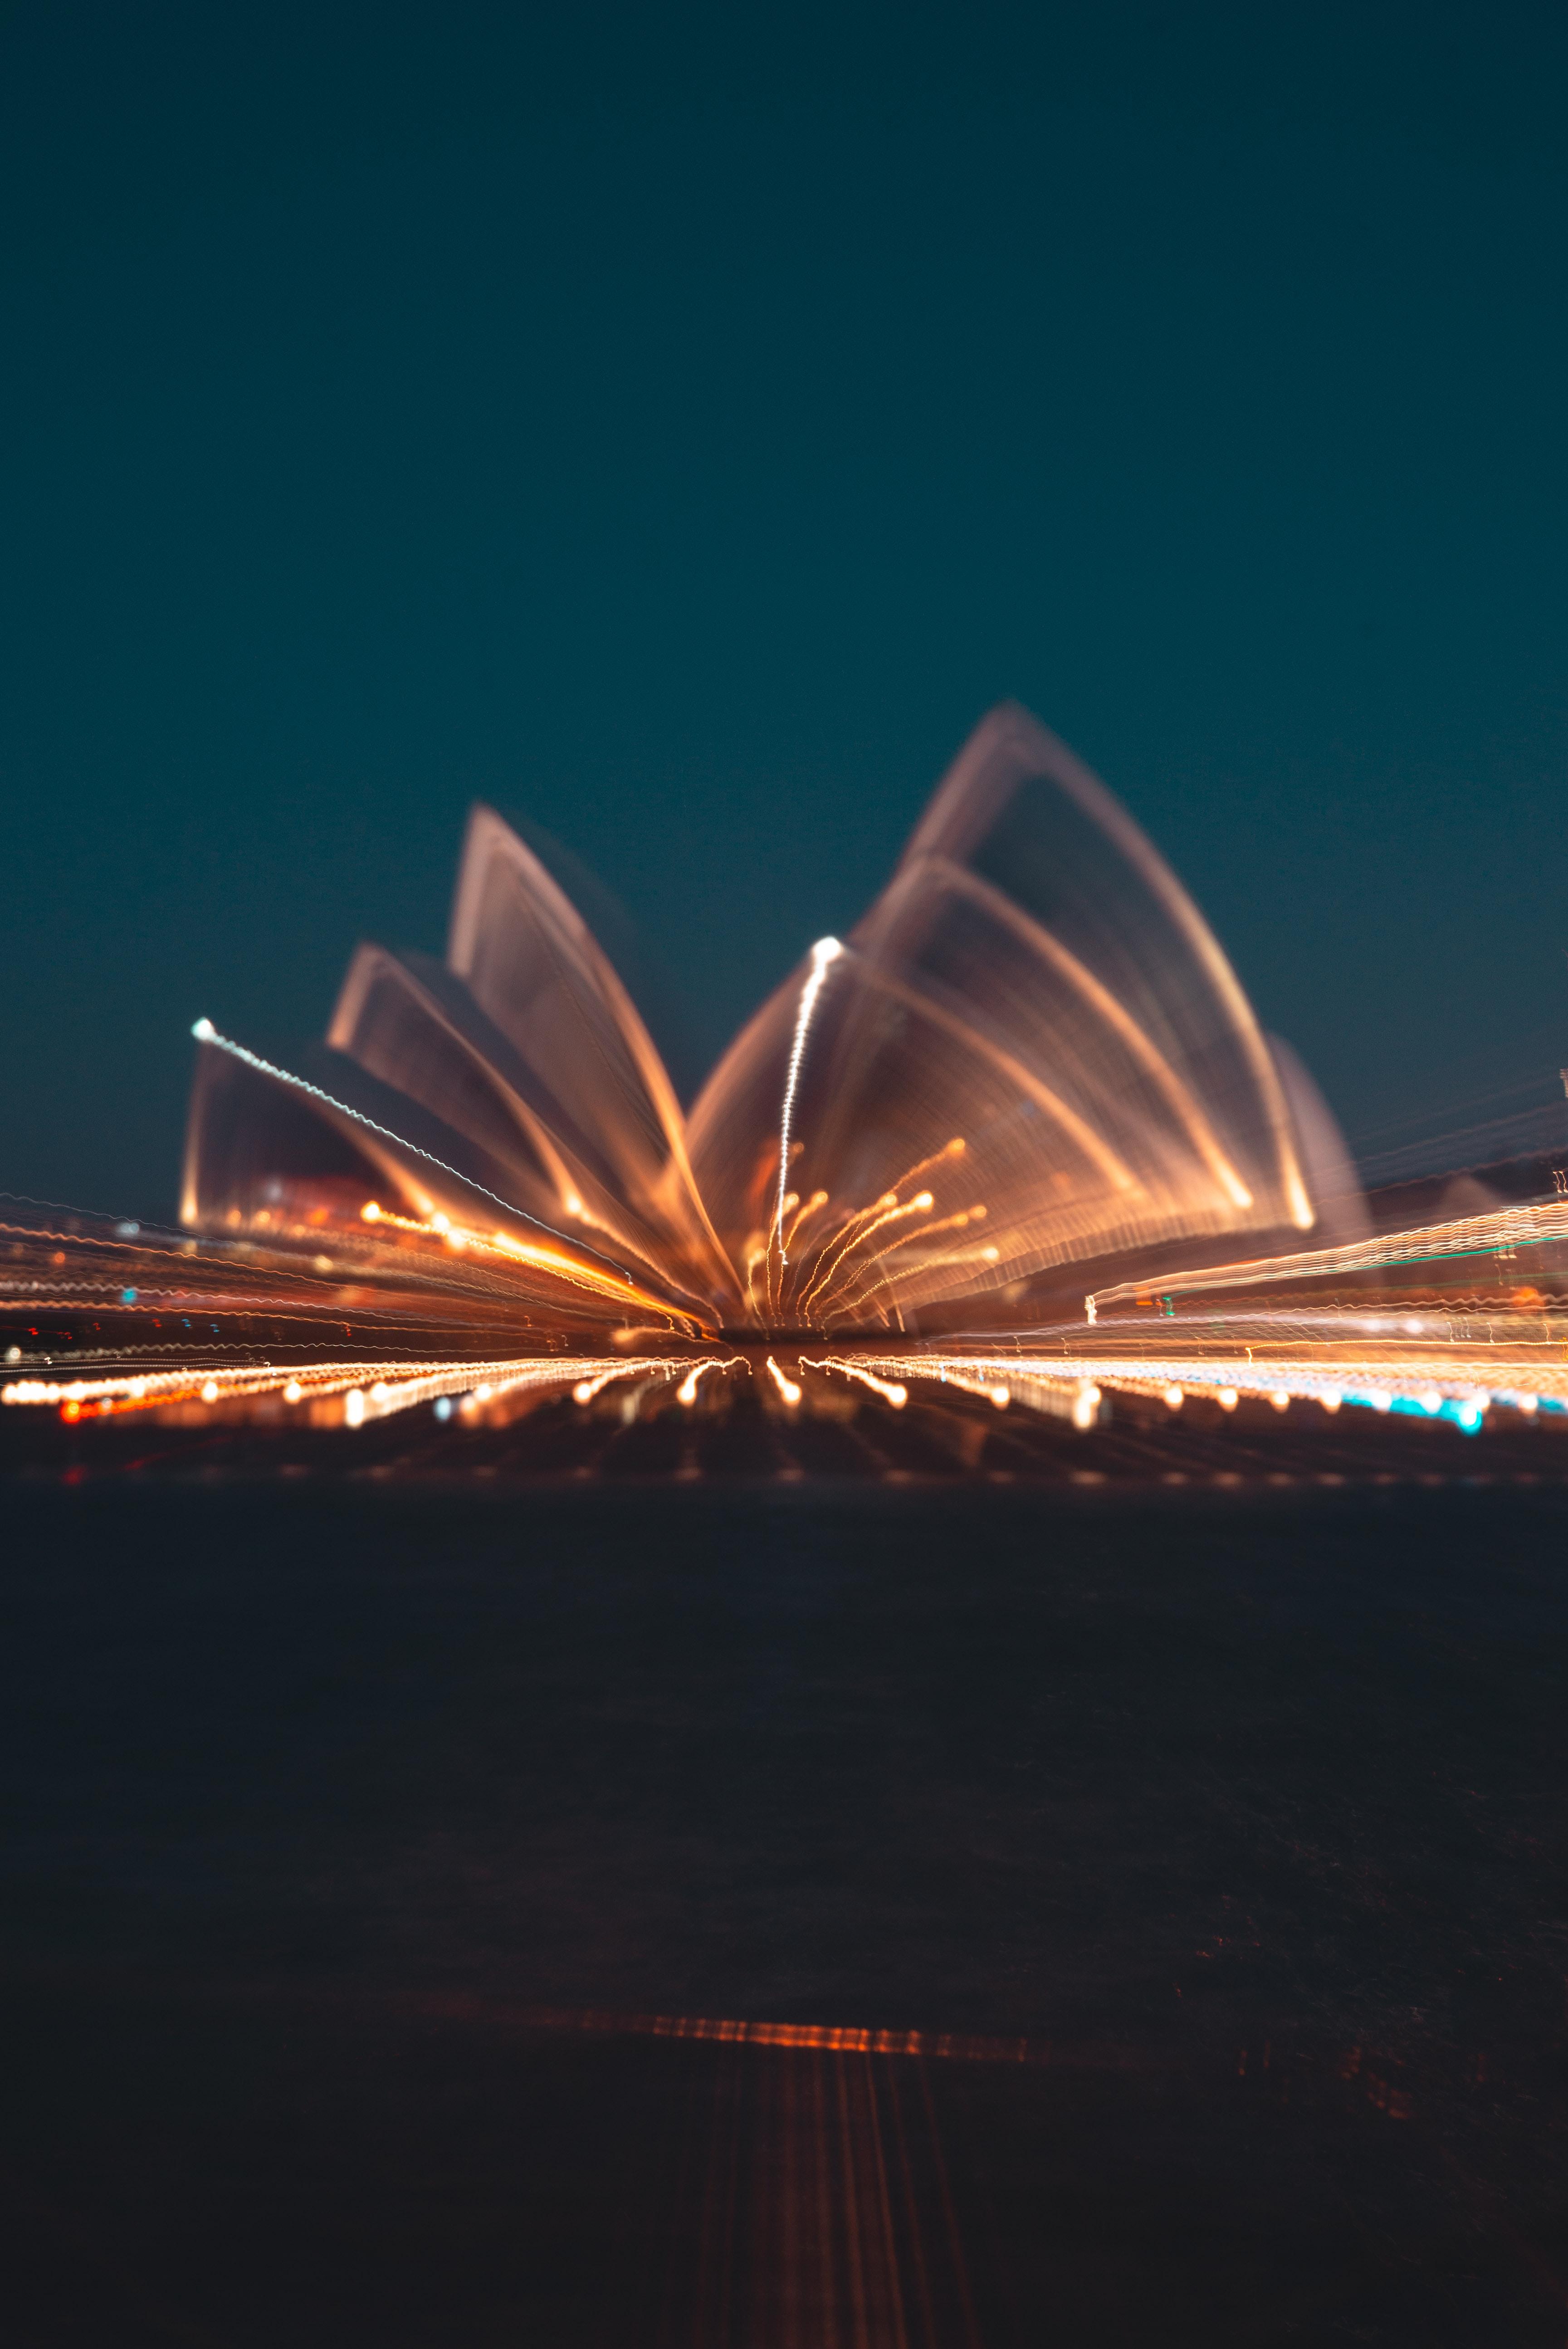 pexels photo 2853639.jpeg?cs=srgb&dl=sydney opera house 2853639 - Get Sydney Opera House Photo Download  Gif